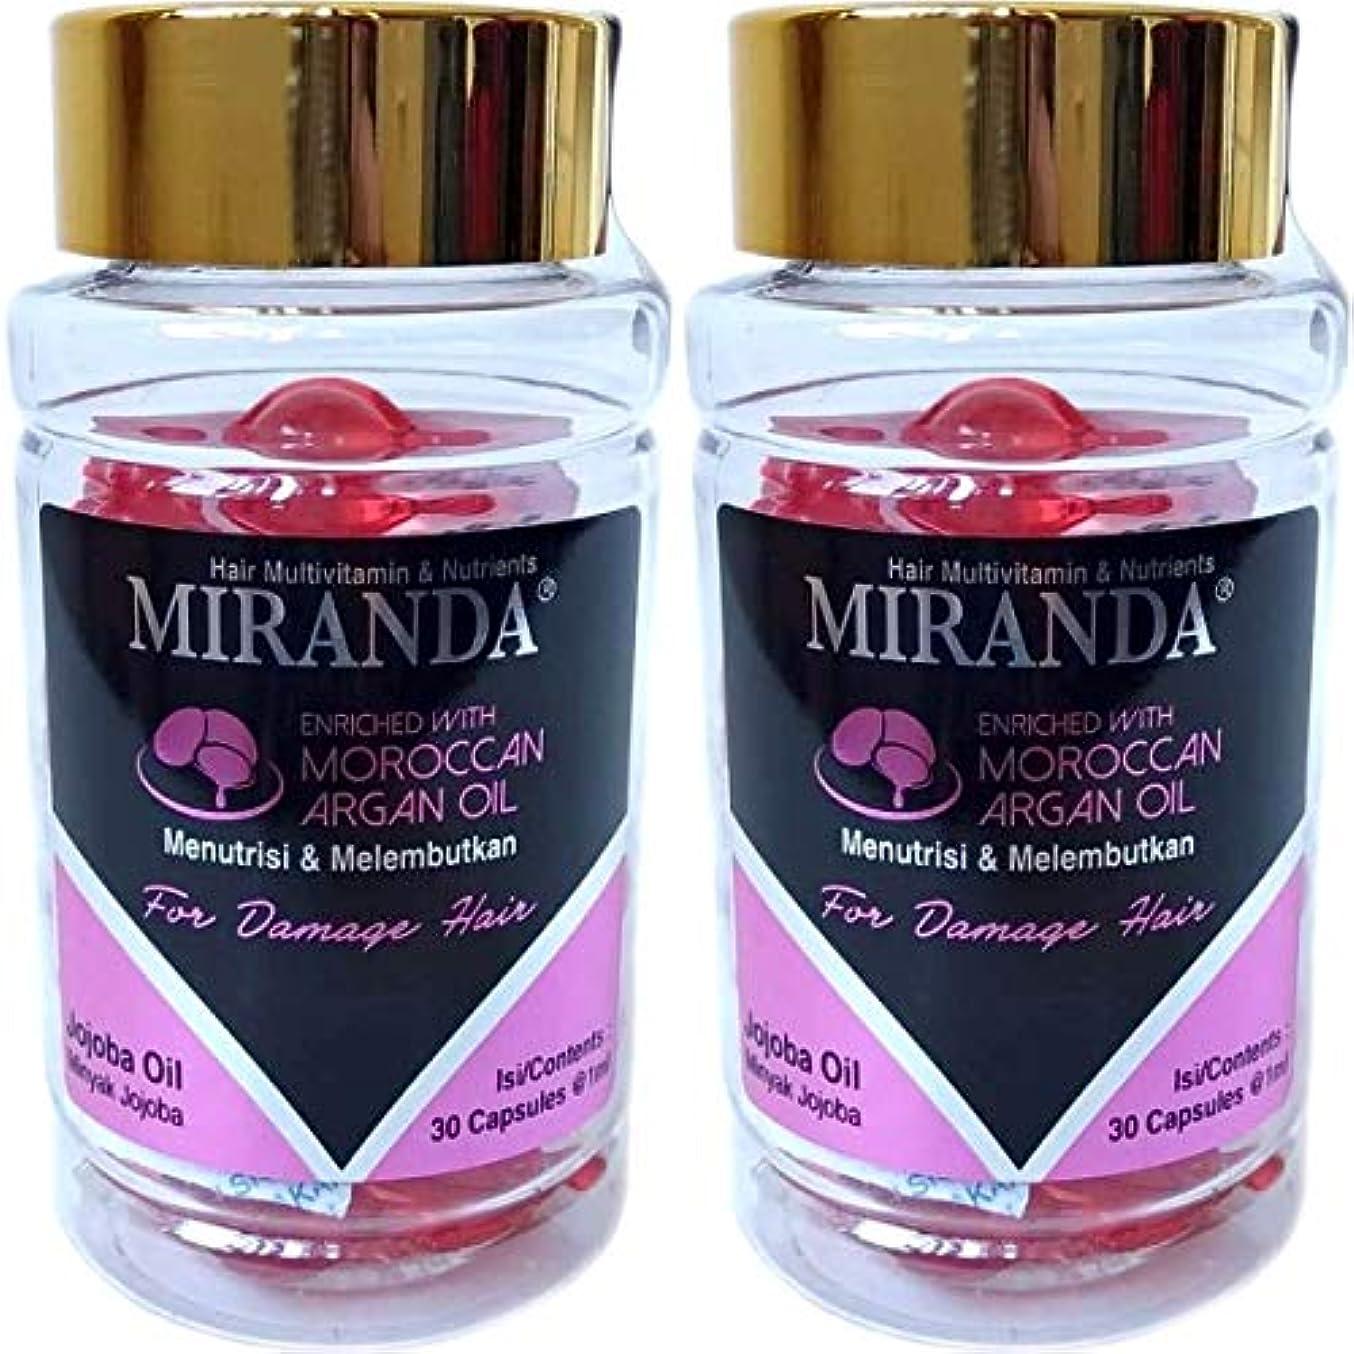 欠員ソーシャルご覧くださいMIRANDA ミランダ Hair Multivitamin&Nutrients ヘアマルチビタミン ニュートリエンツ 洗い流さないヘアトリートメント 30粒入ボトル×2個セット Jojoba oil ホホバオイル [海外直送品]